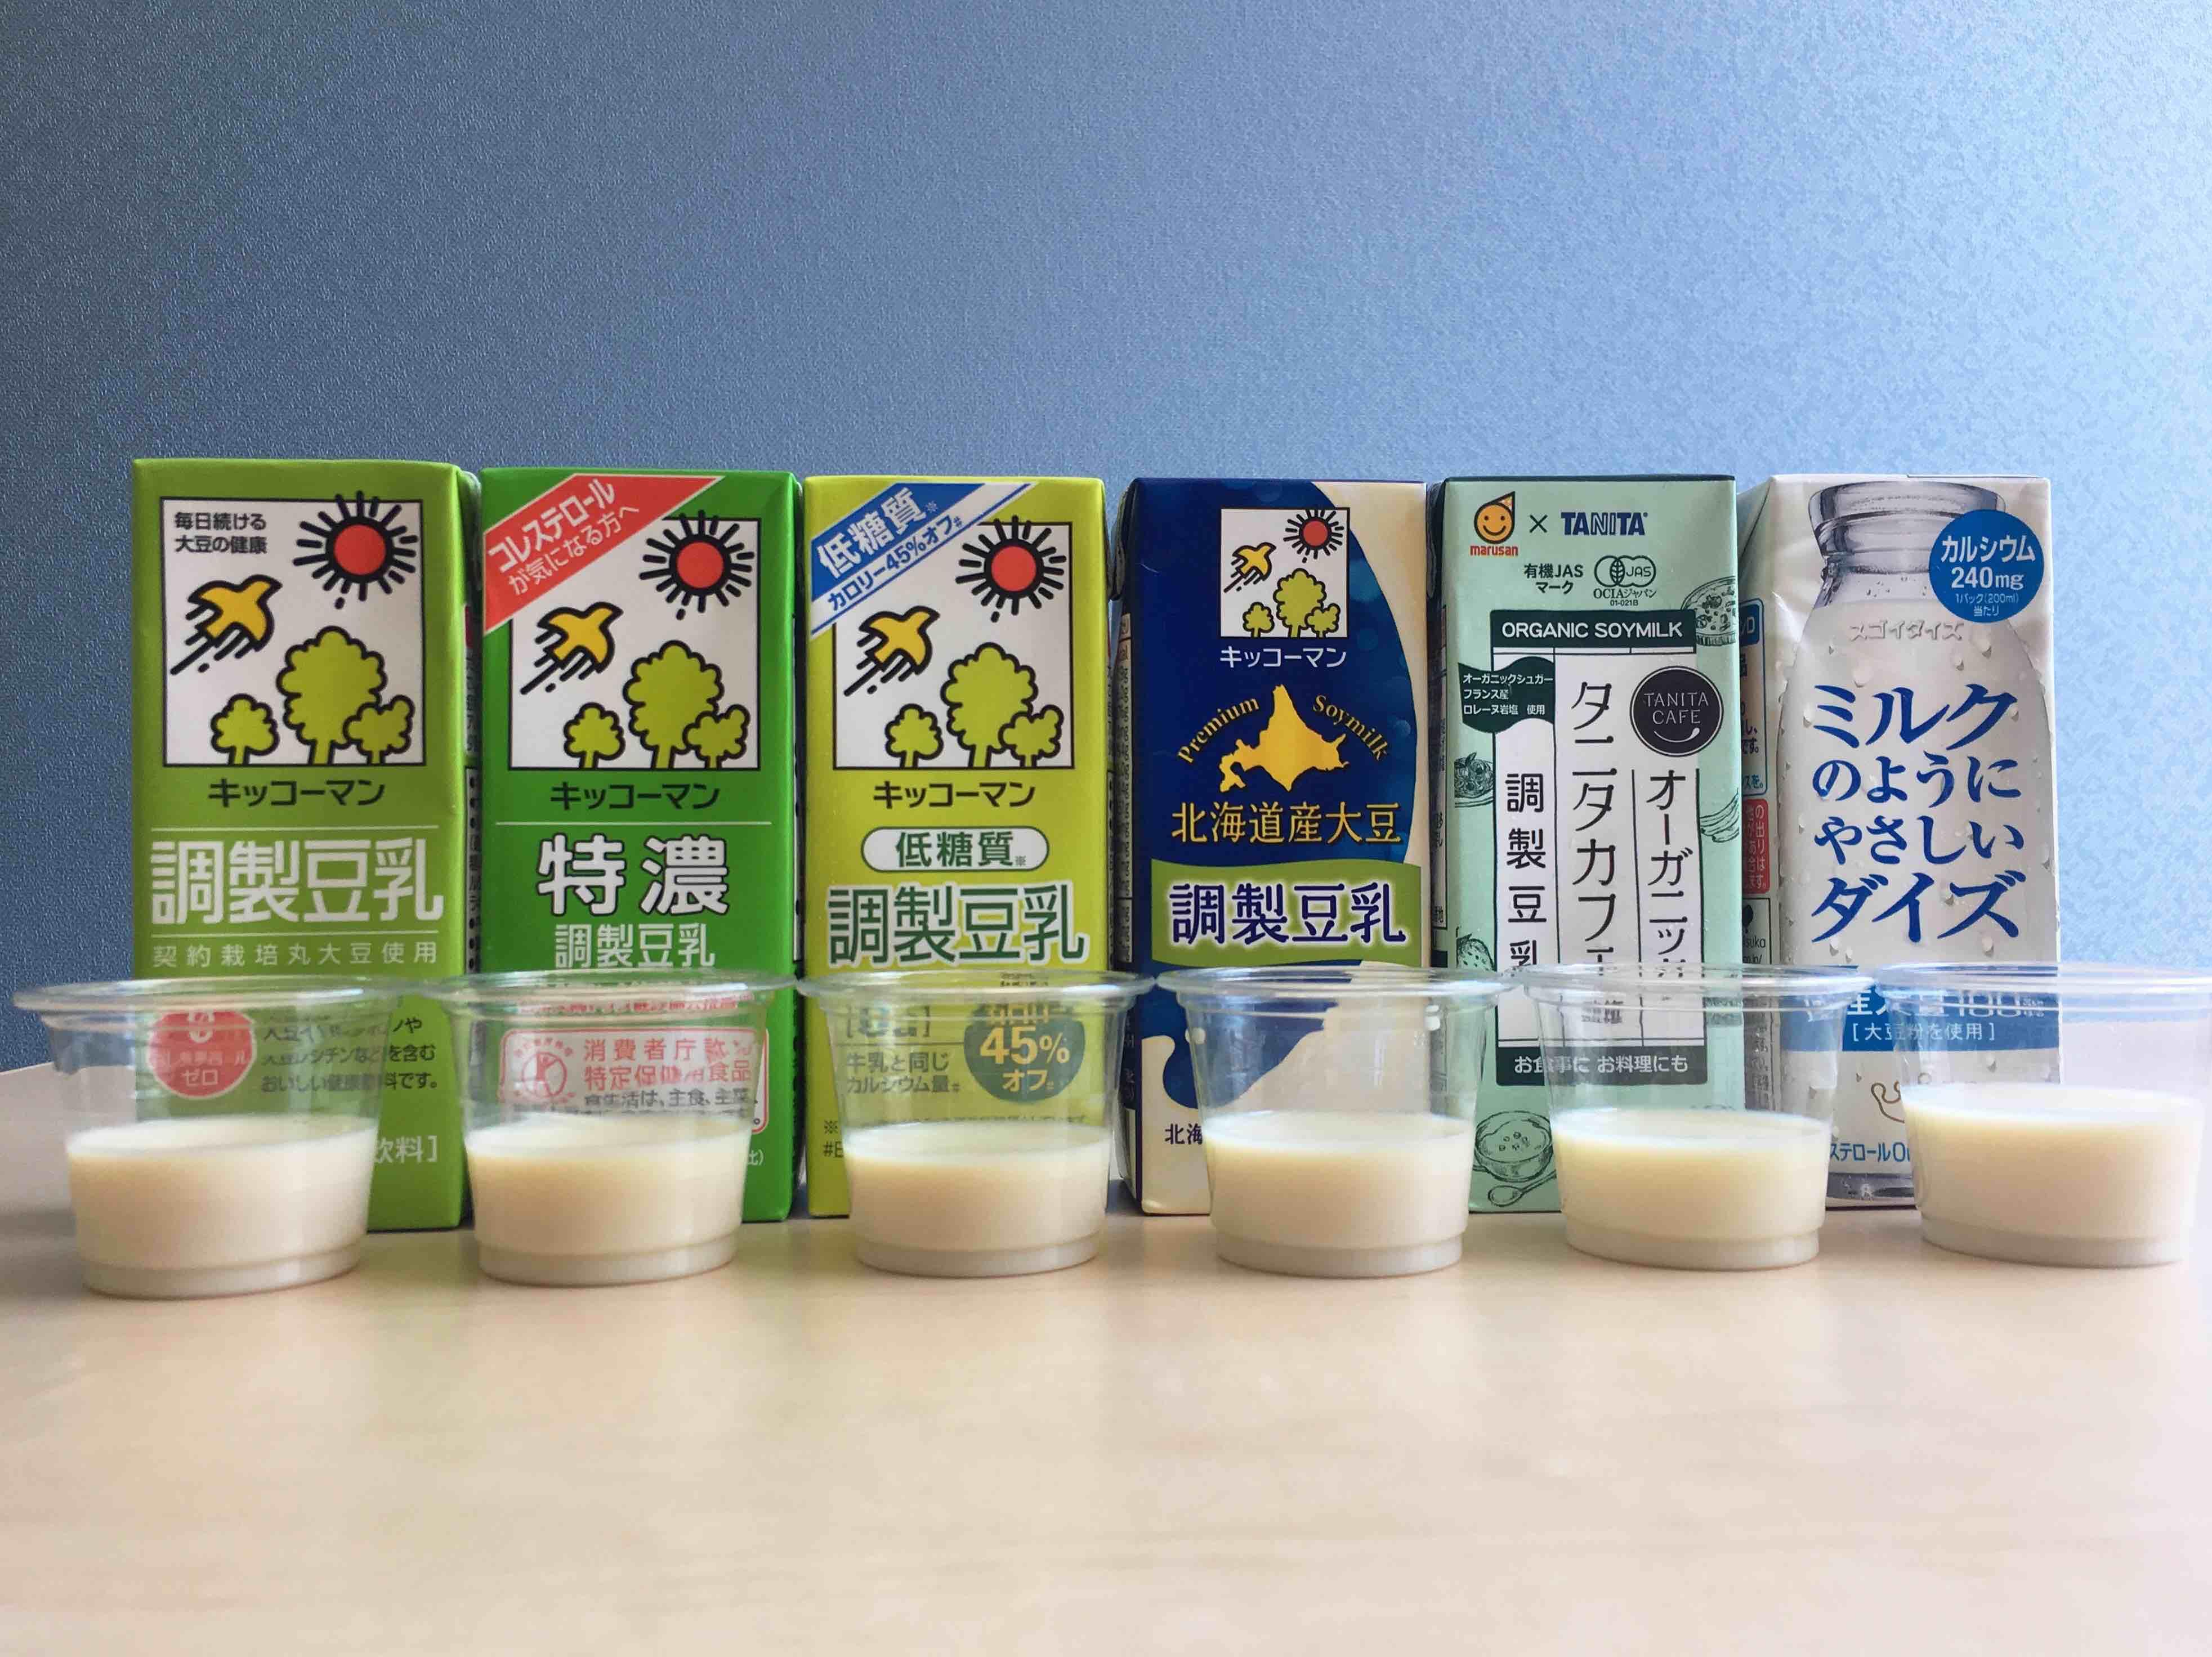 と の 違い 調整 豆乳 は 調整 豆乳 無